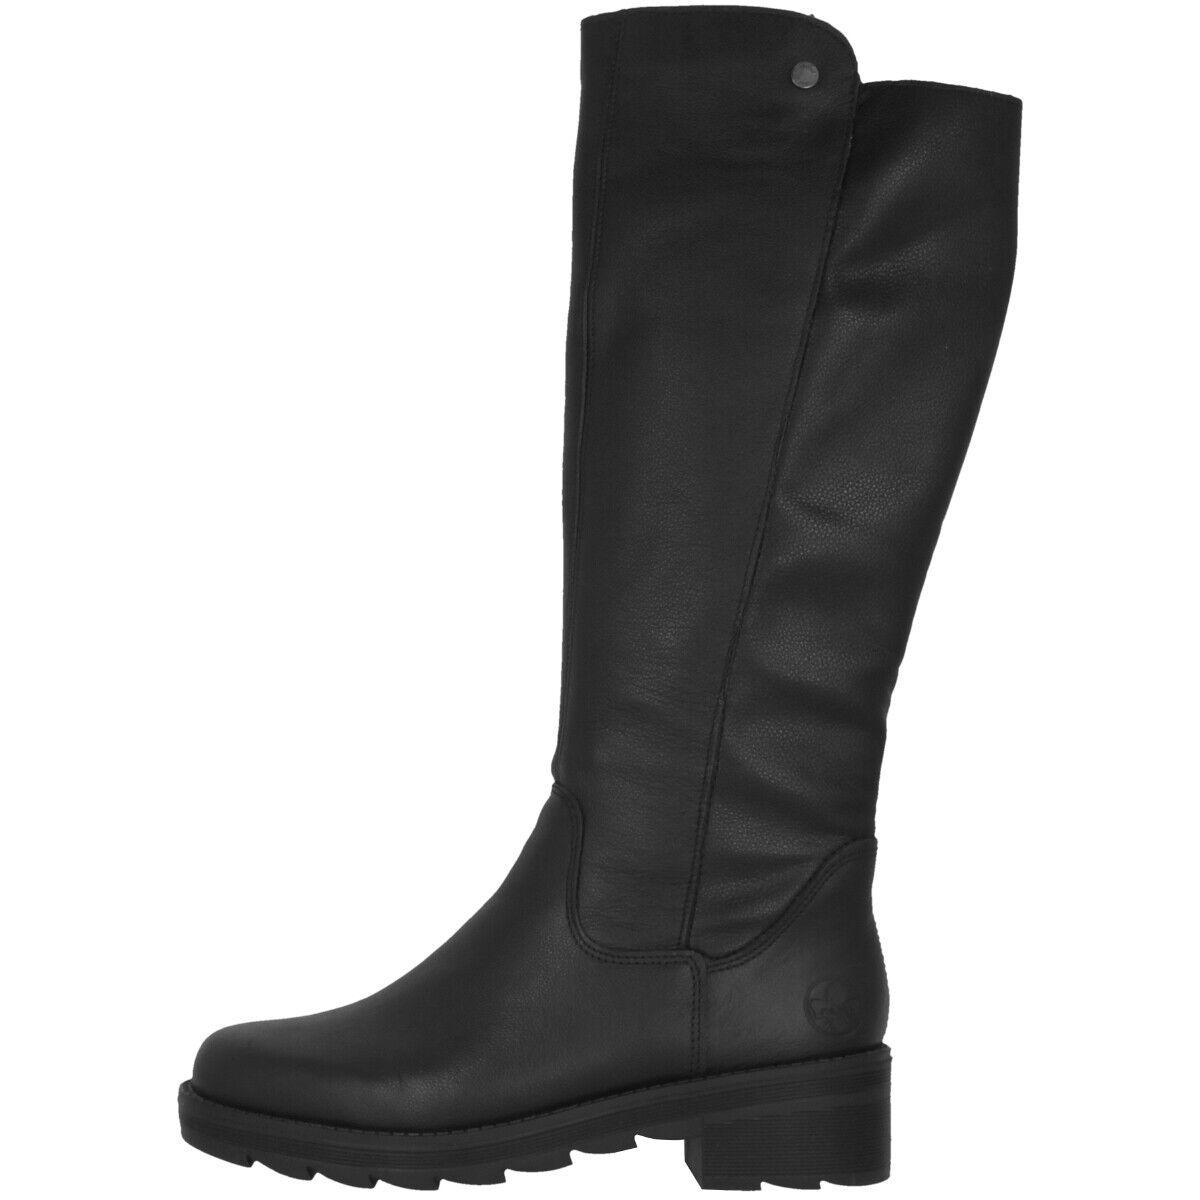 Rieker X0590-00 Schuhe Damen Antistress Stiefel Langschaftstiefel Winterstiefel